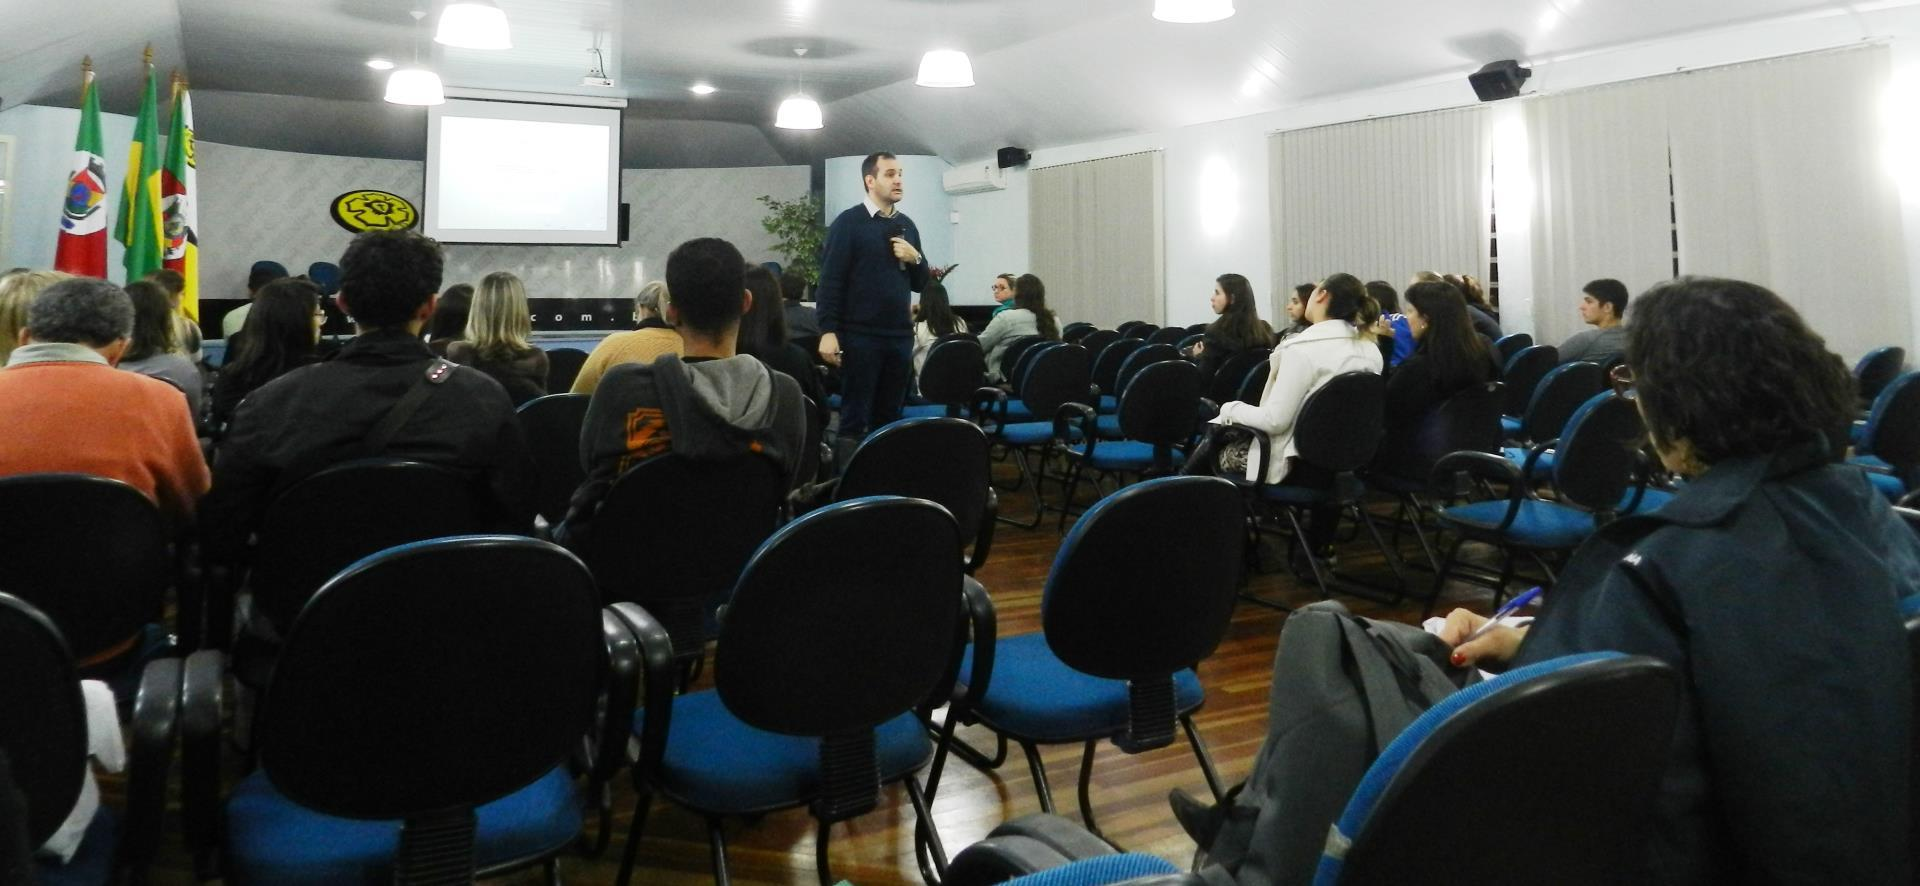 Aula gratuita sobre psico-oncologia acontece na Faculdade IENH